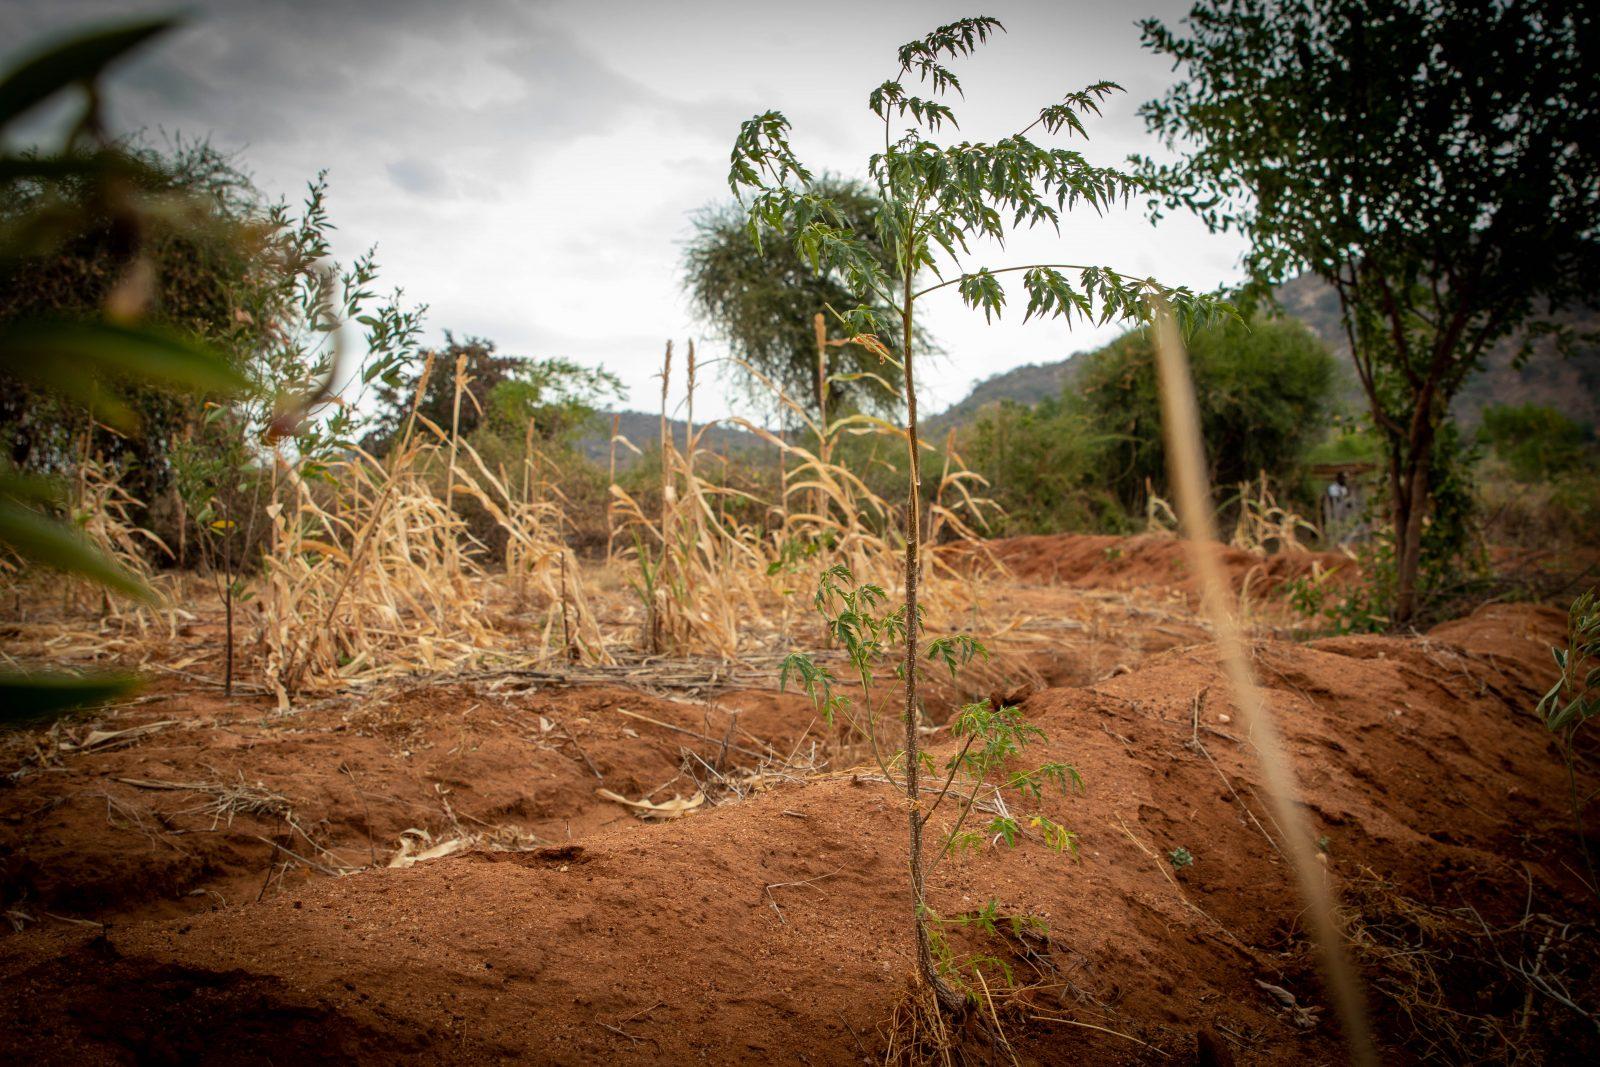 Ett 6 månader gammalt Mukau-träd som är planterat hos en partner-bonde. Notera hur det är planterat bakom vallen som fångar upp vattnet. Det ger bästa förutsättningar för tillväxt.